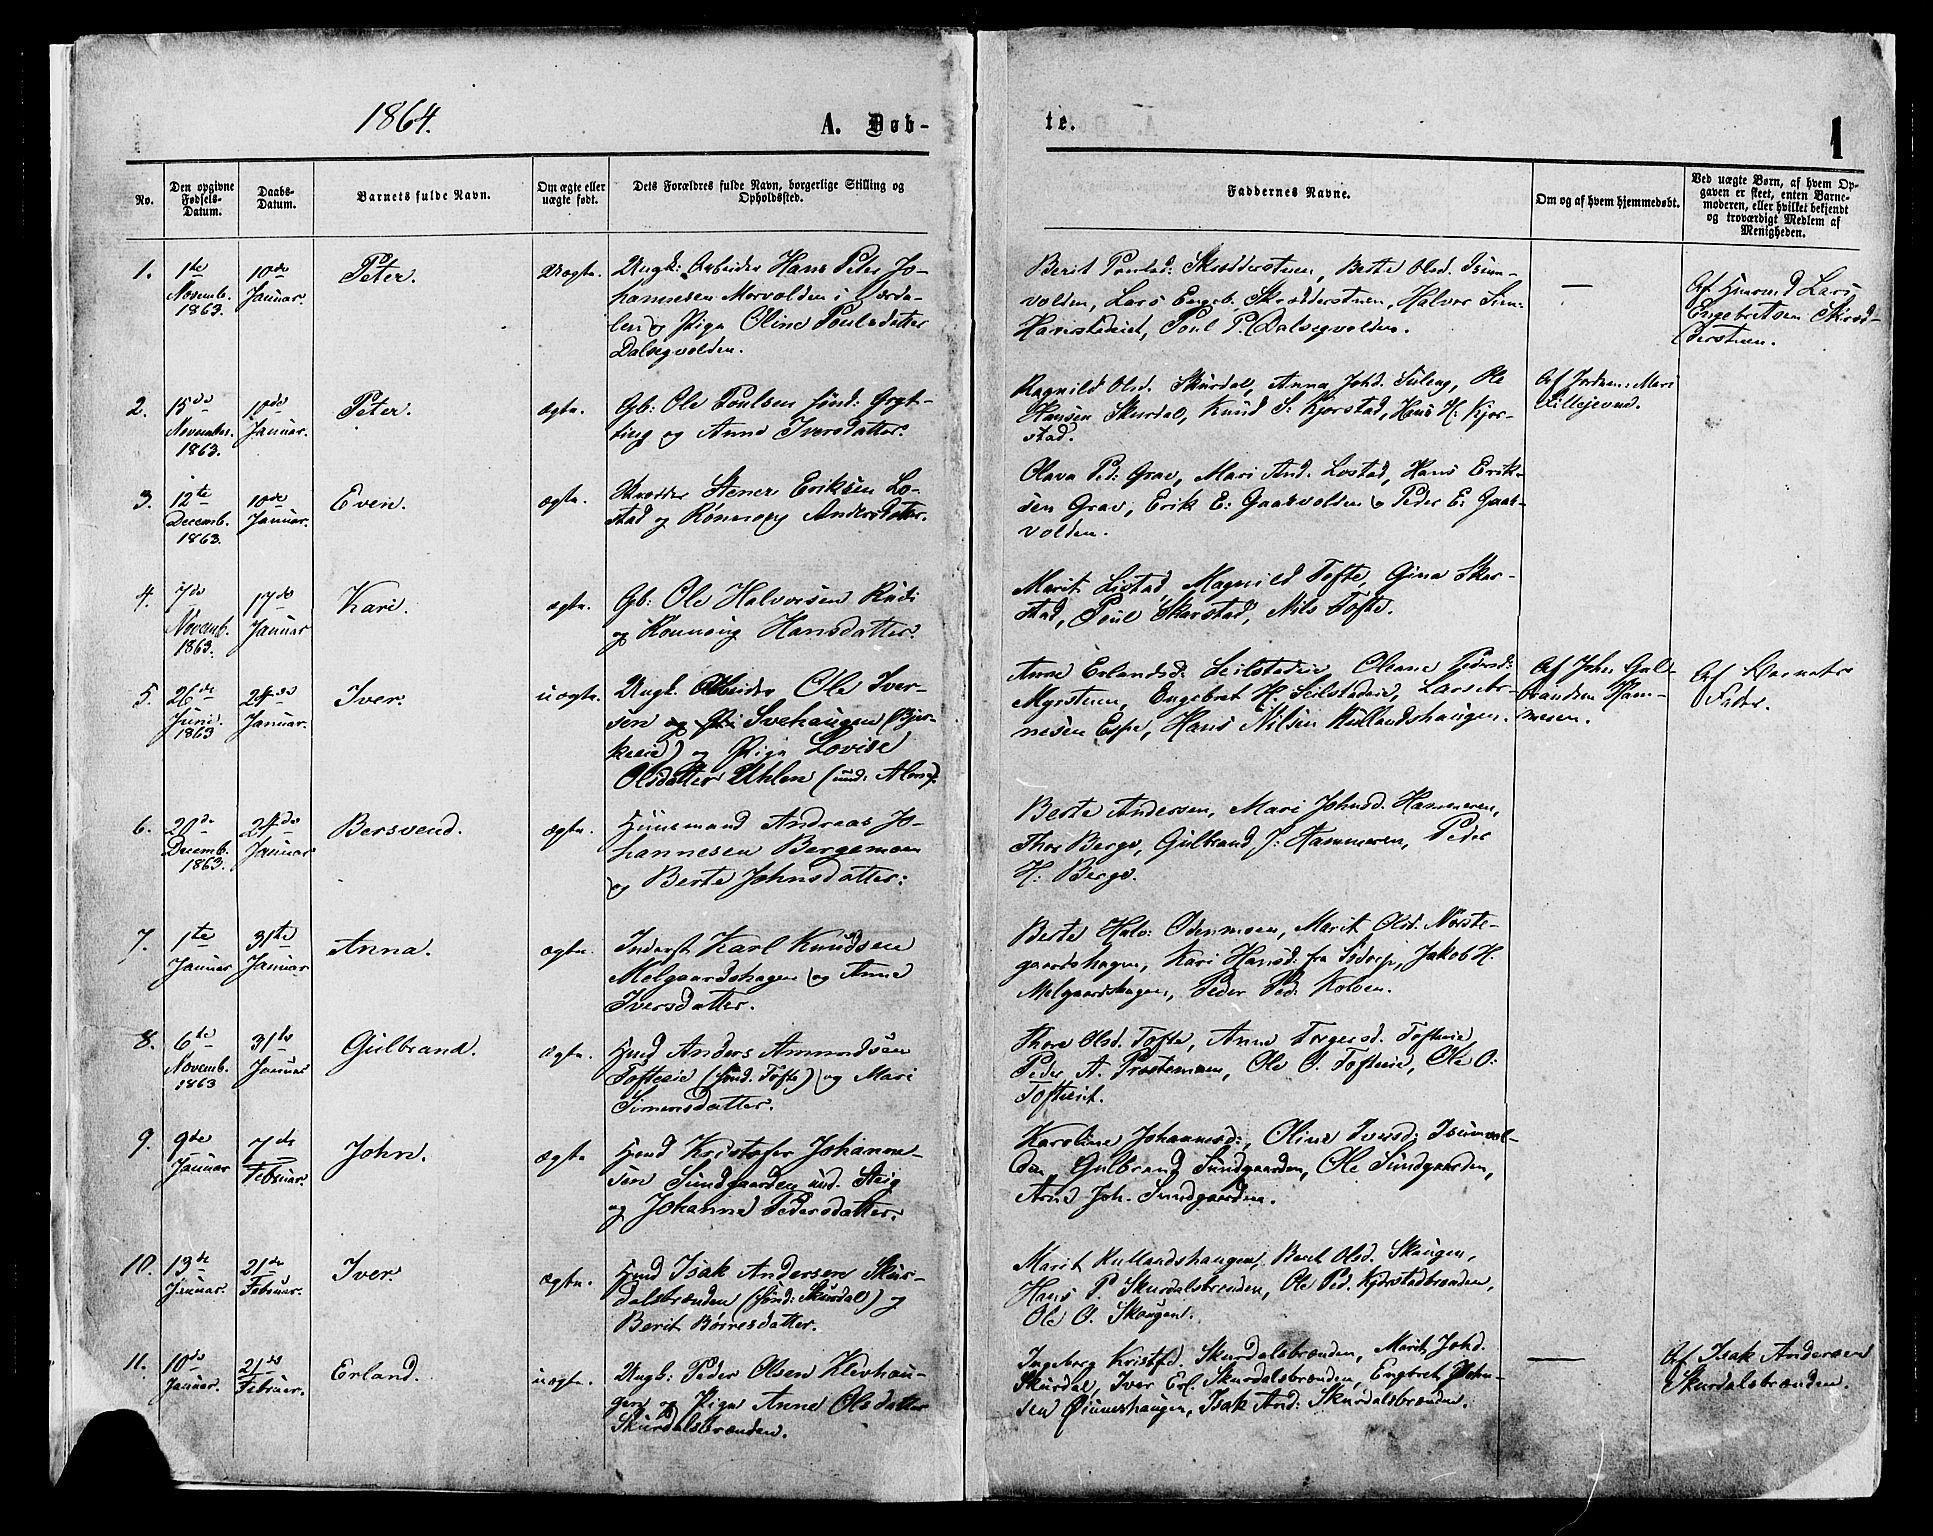 SAH, Sør-Fron prestekontor, H/Ha/Haa/L0002: Ministerialbok nr. 2, 1864-1880, s. 1